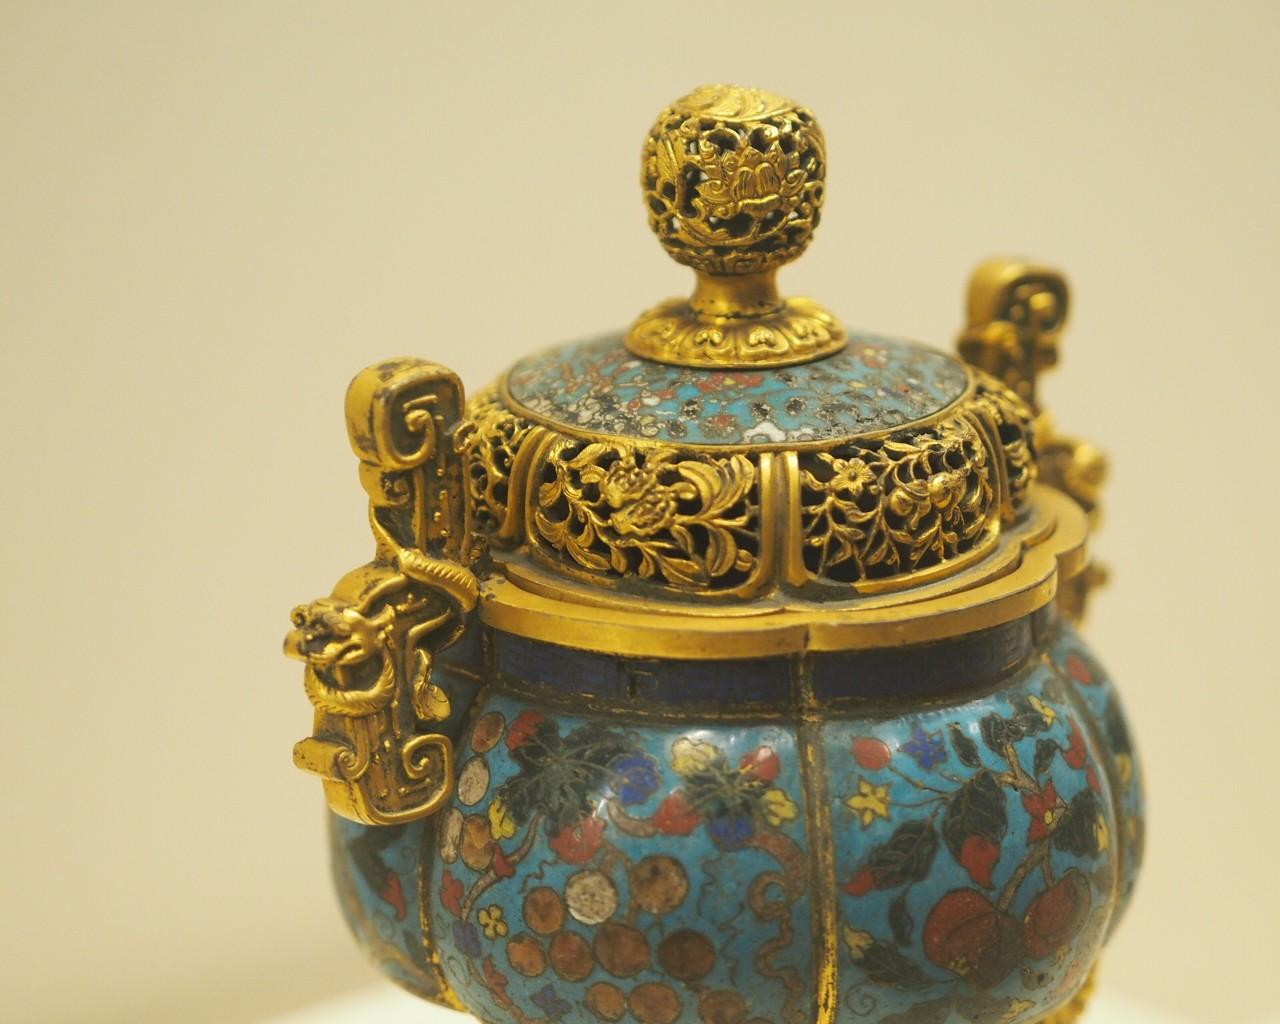 那些曾经流散海外的中国文物是如何回流的?